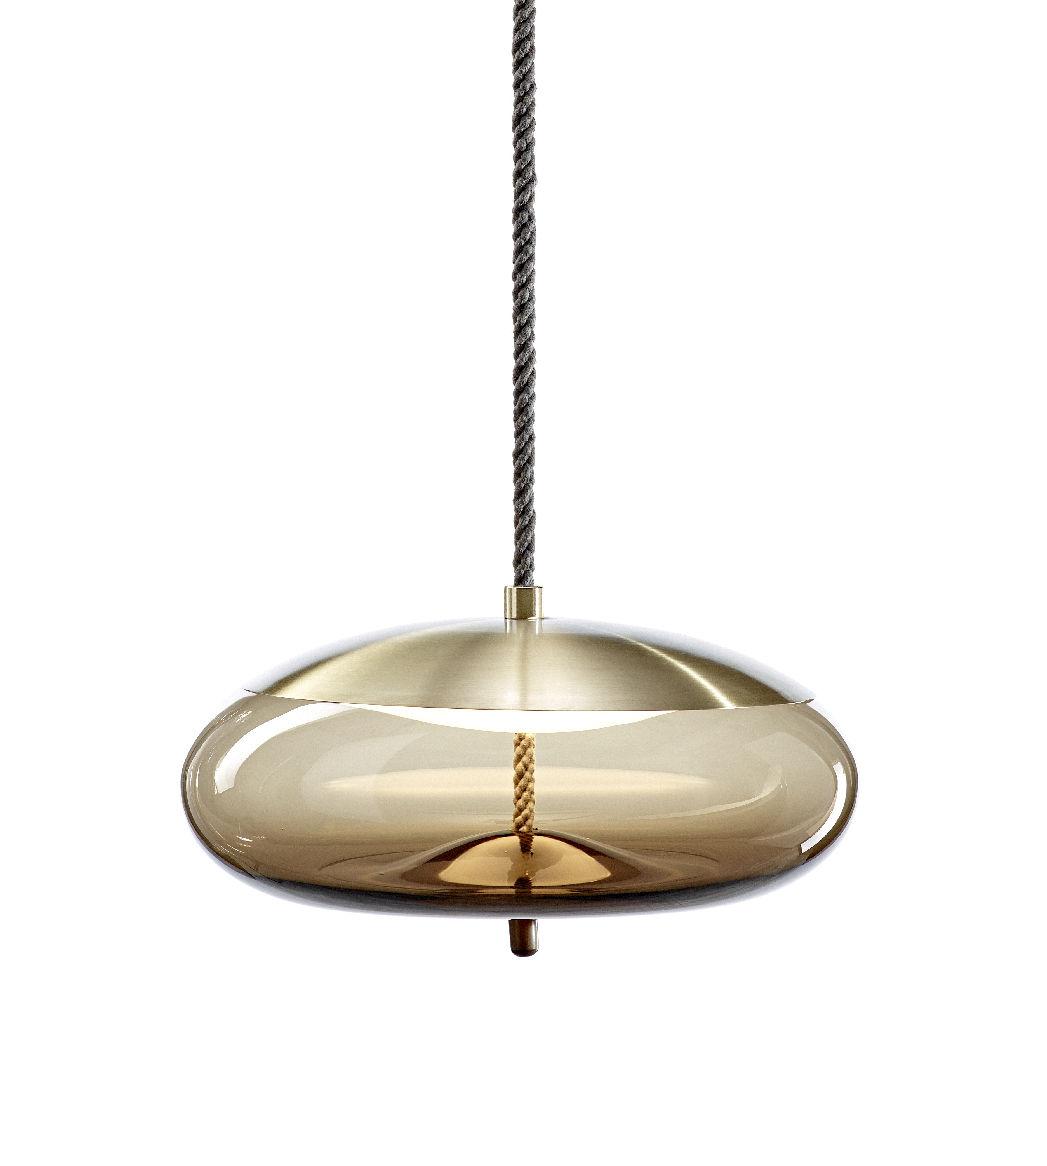 Luminaire - Suspensions - Suspension Knot disco / Verre & corde - Ø 50 x H 25 cm - Brokis - Marron /  Calotte laiton - Corde naturelle, Laiton, Verre soufflé